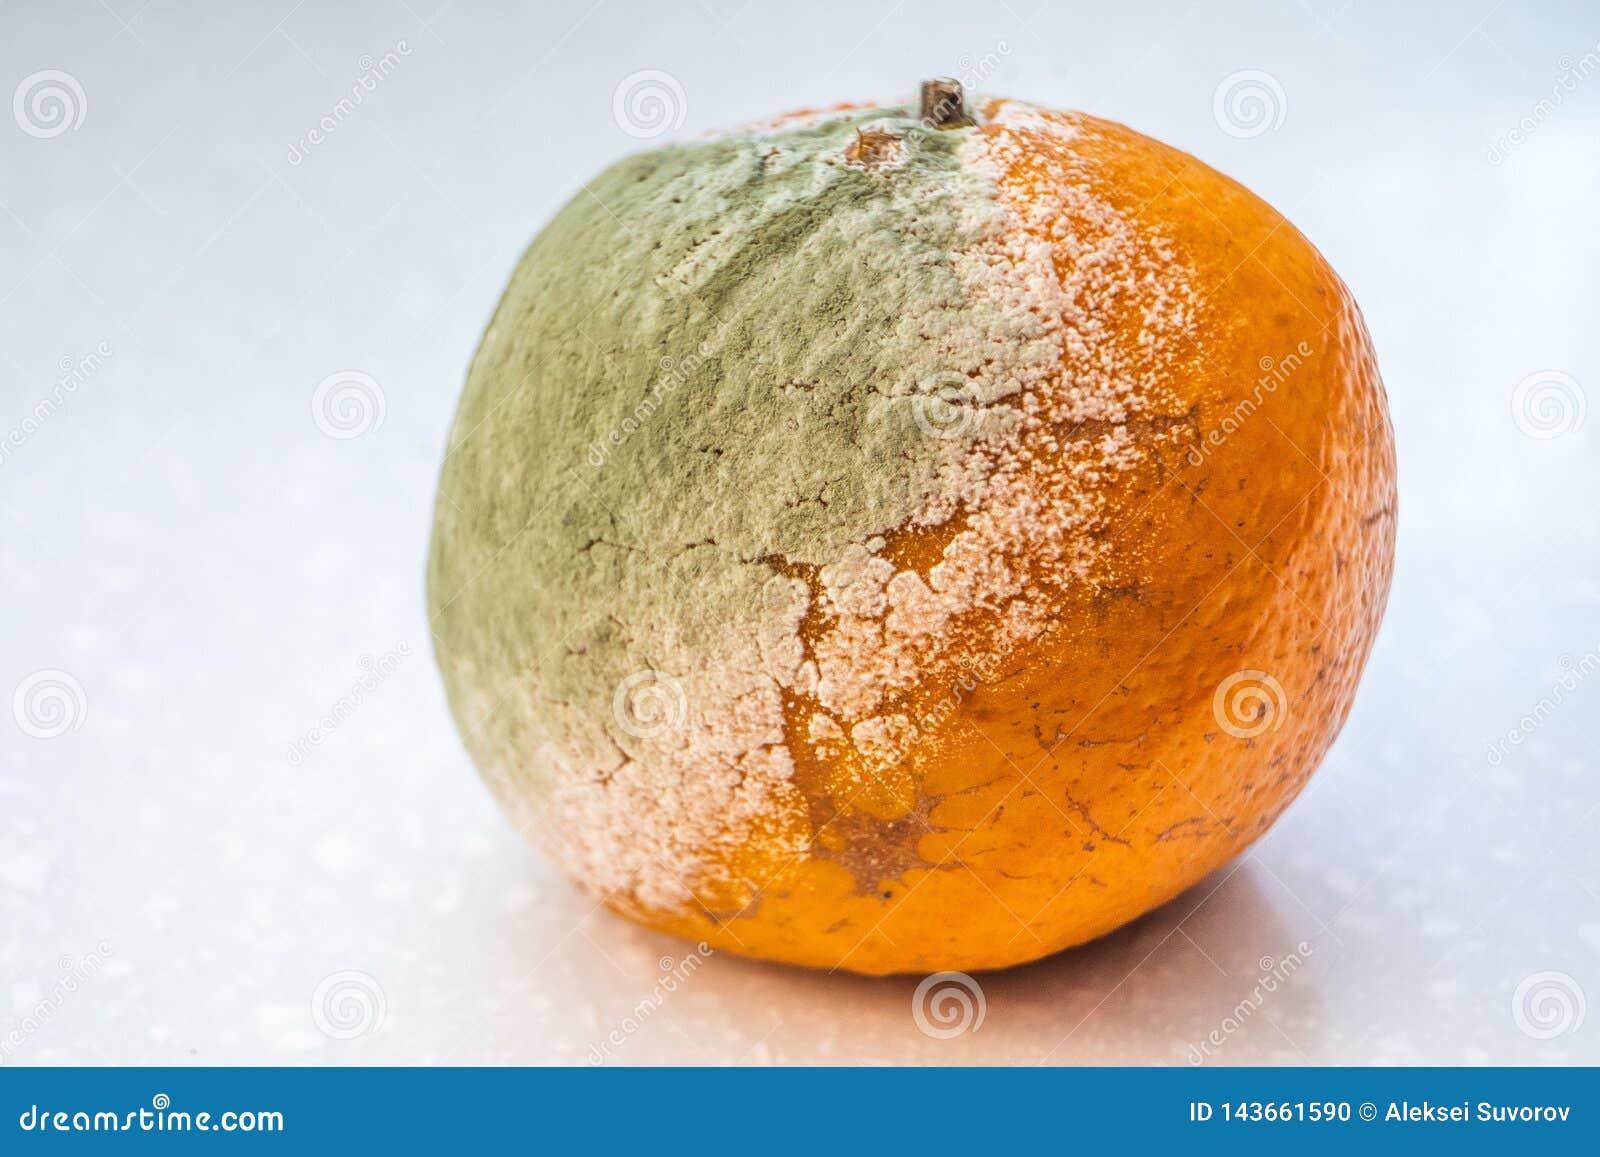 Ένα σύνολο σάπιων moldy πορτοκαλιών, tangerines στο άσπρο υπόβαθρο Μια φωτογραφία της φόρμας ανάπτυξης Μόλυνση τροφίμων